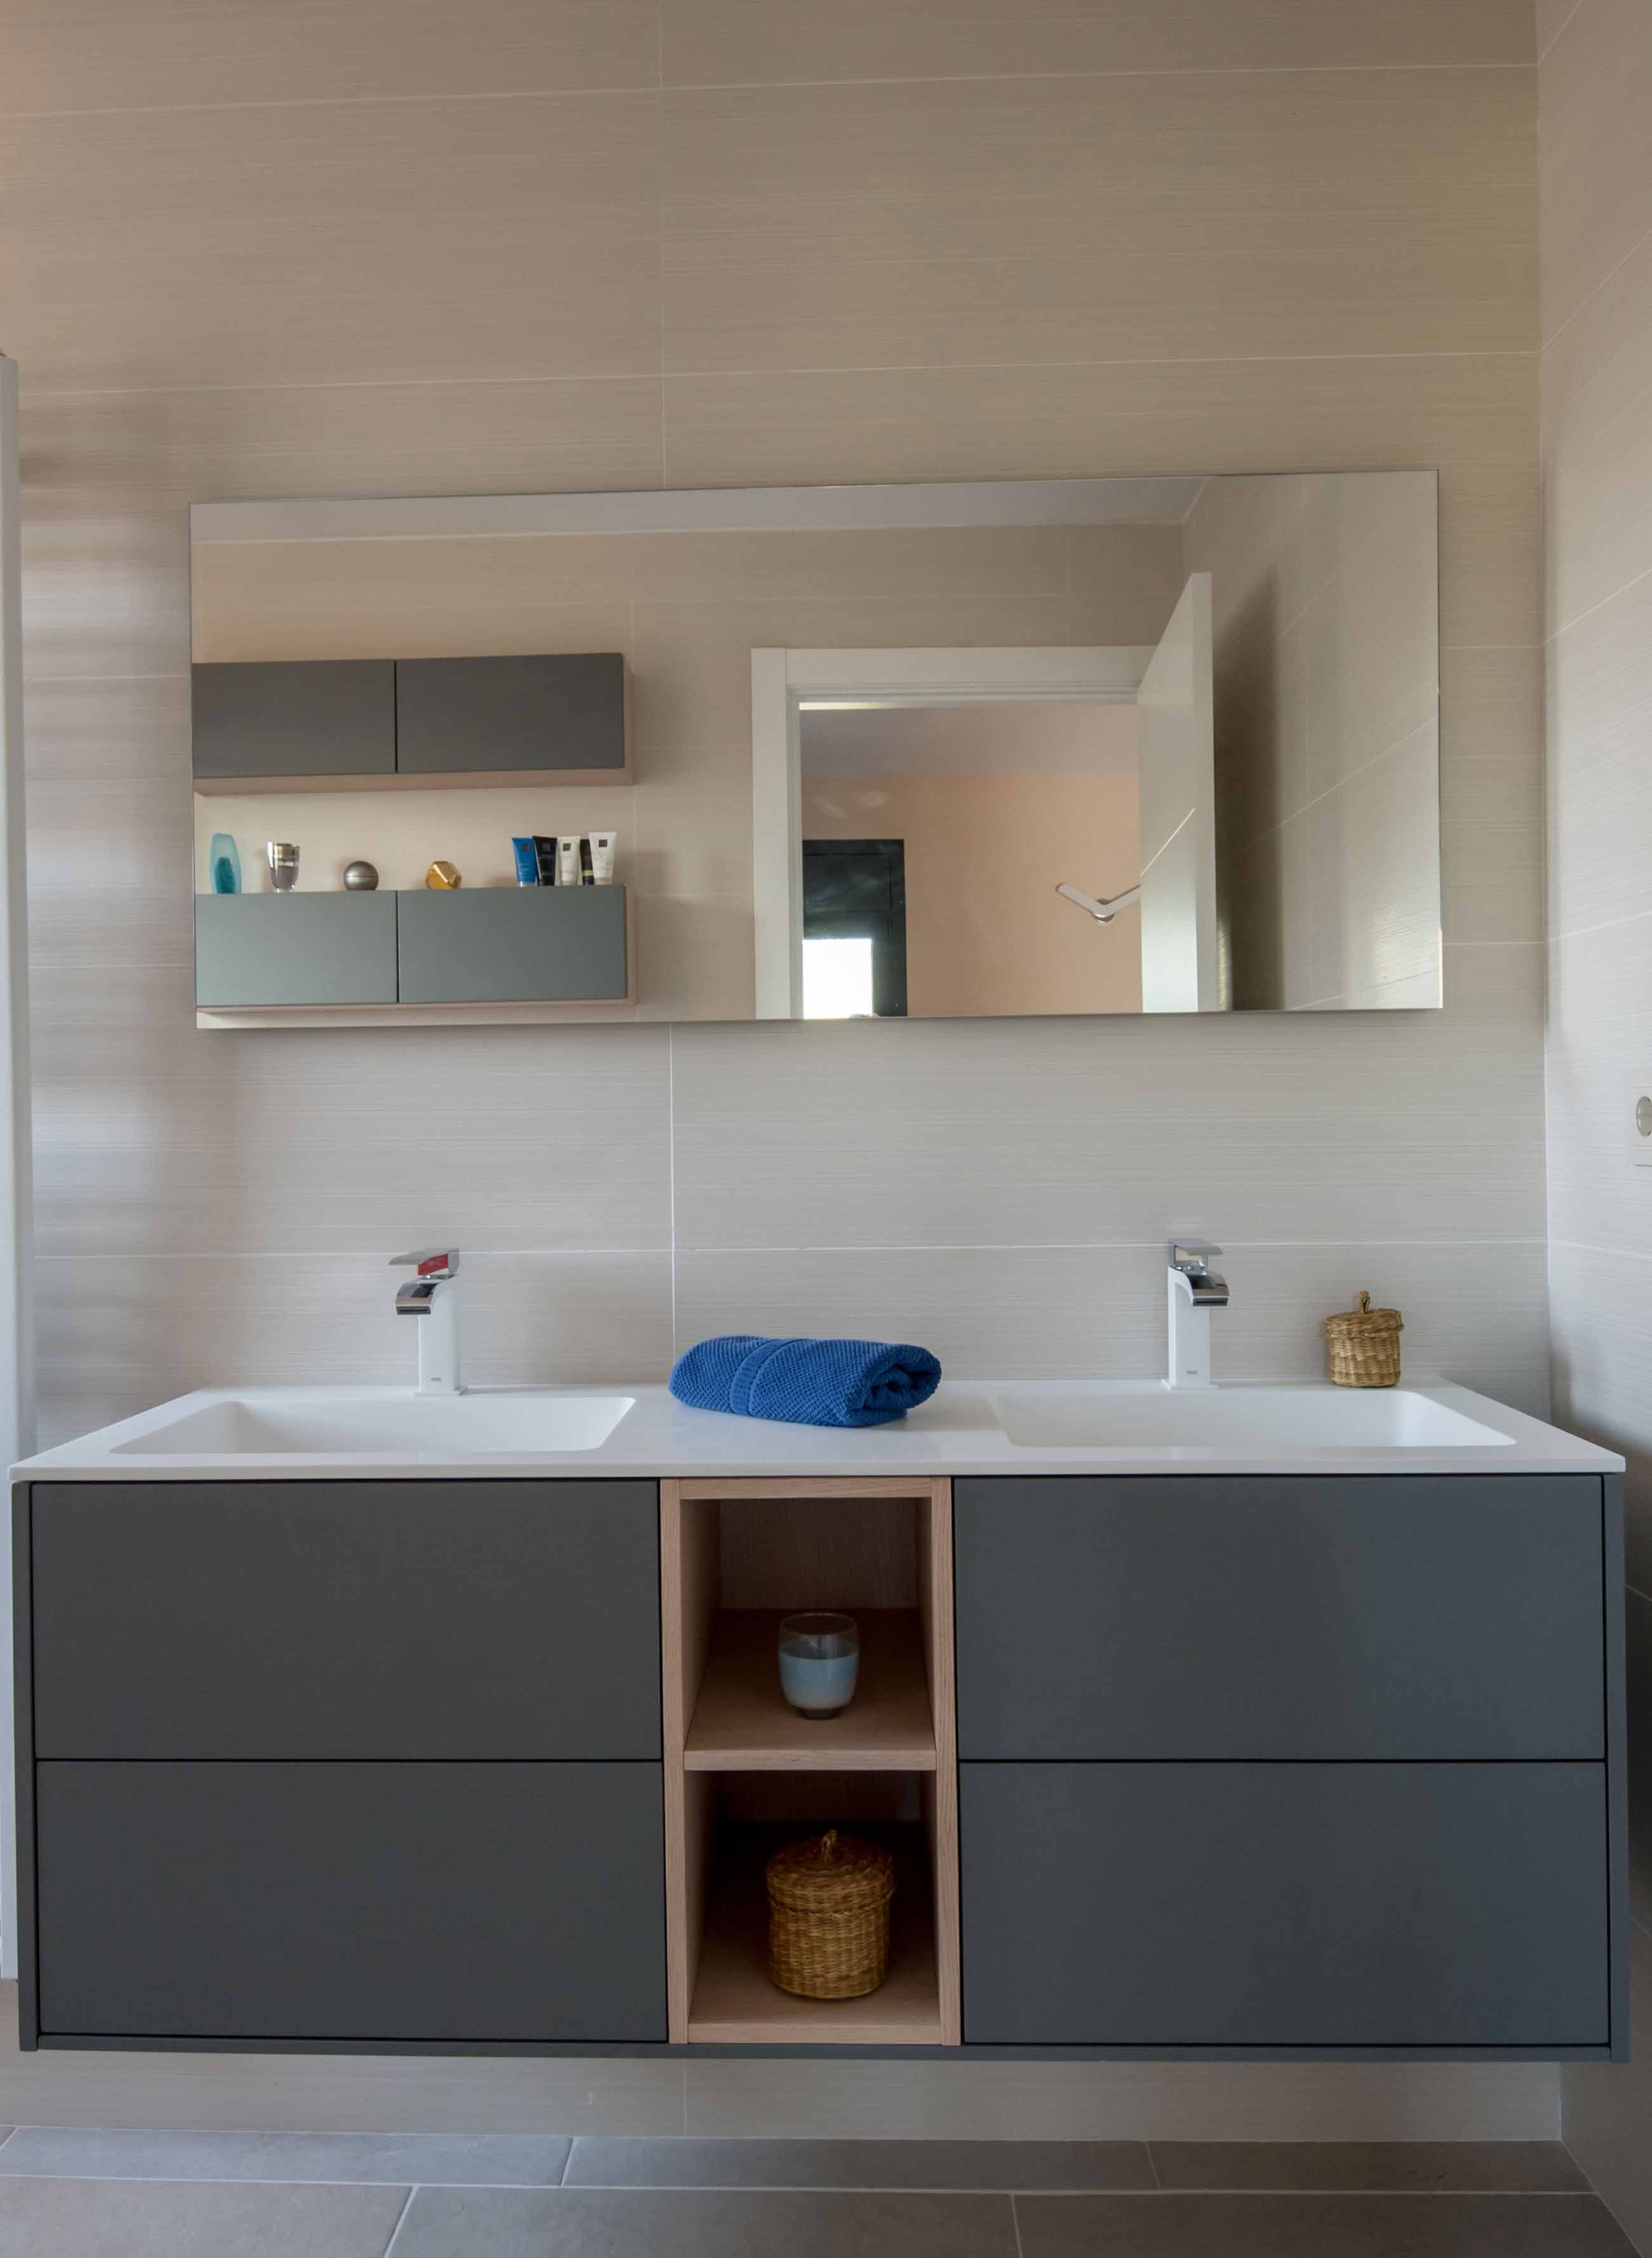 diseño de un mueble de baño suspendido compuesto por dos módulos